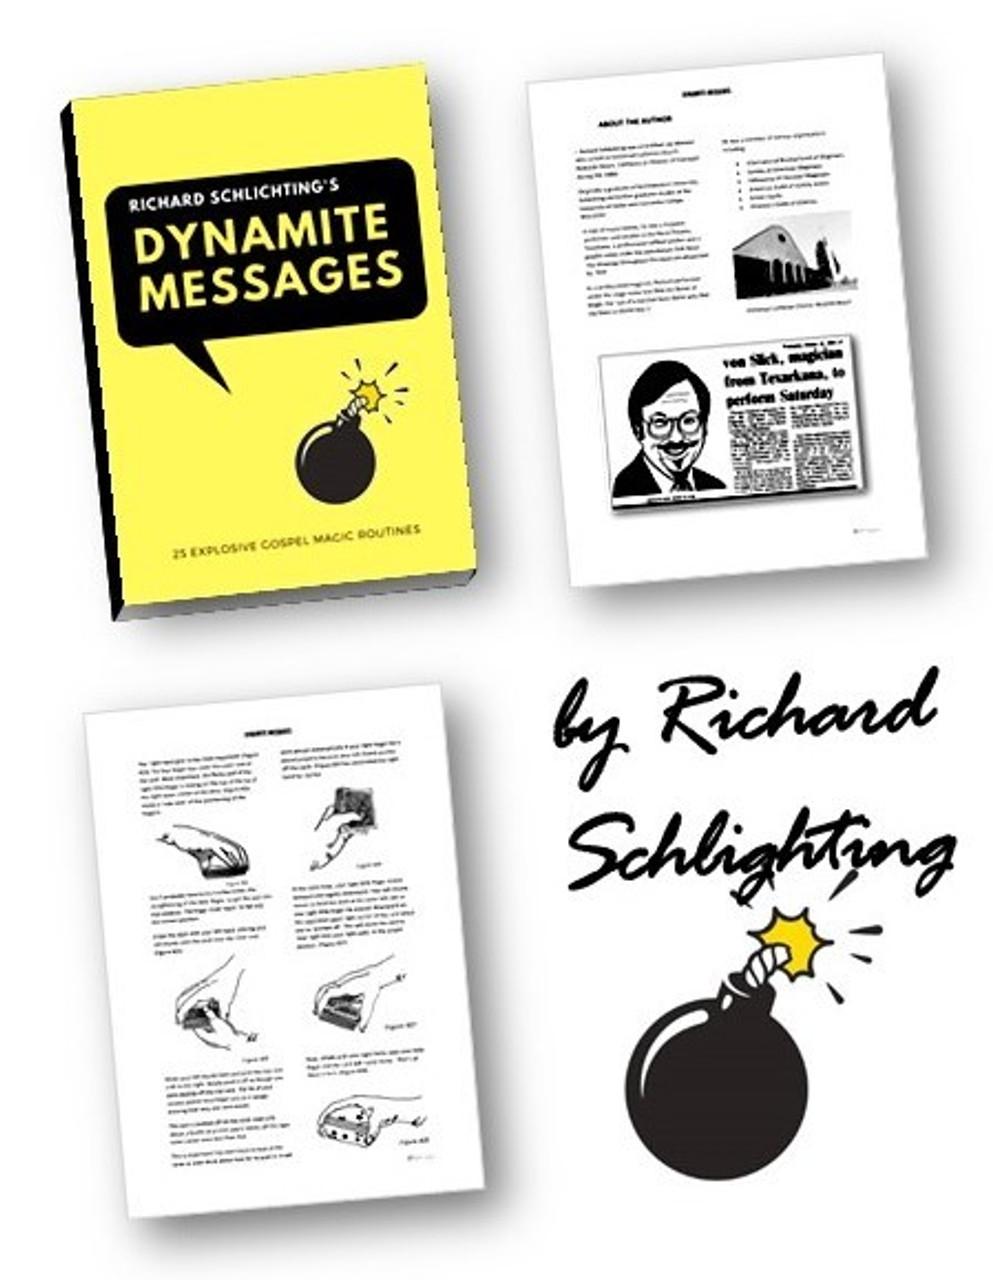 J Richard Schlichting eBook Dynamite Messages Gospel Magic Tricks